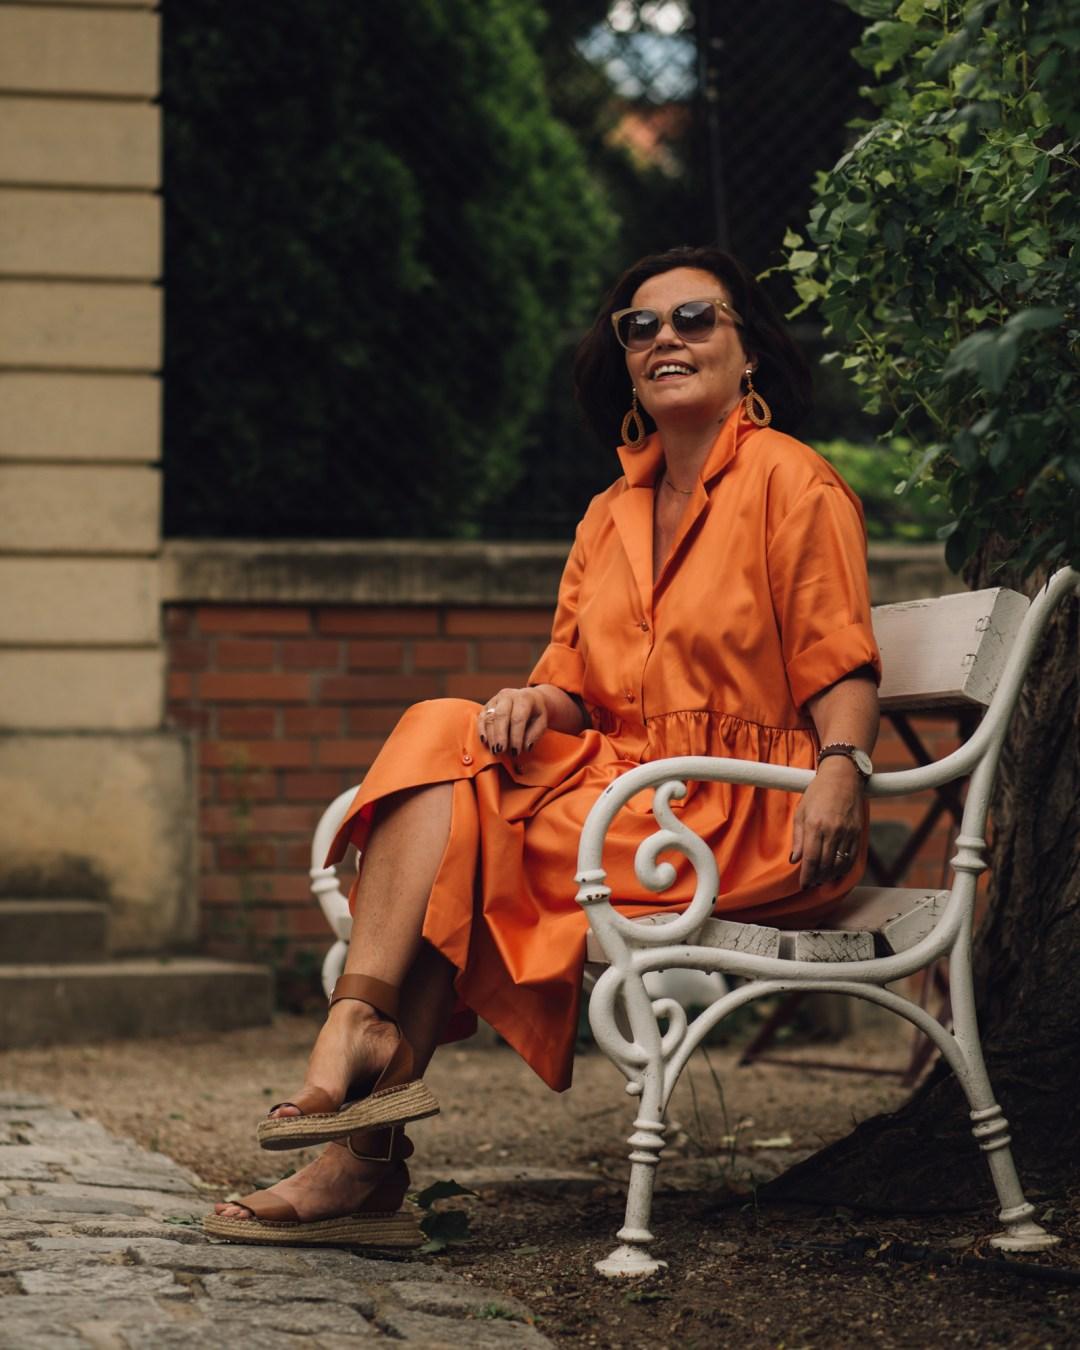 Inastil, Sommermode, Sommerkleid 2020, Orange, Citymode, Stilberatung, Modeberatung, Ü50Mode, ü50Style, Nähen, Selbstgenäht, Baumwollkleid, Casualmode, Streetstyle-11